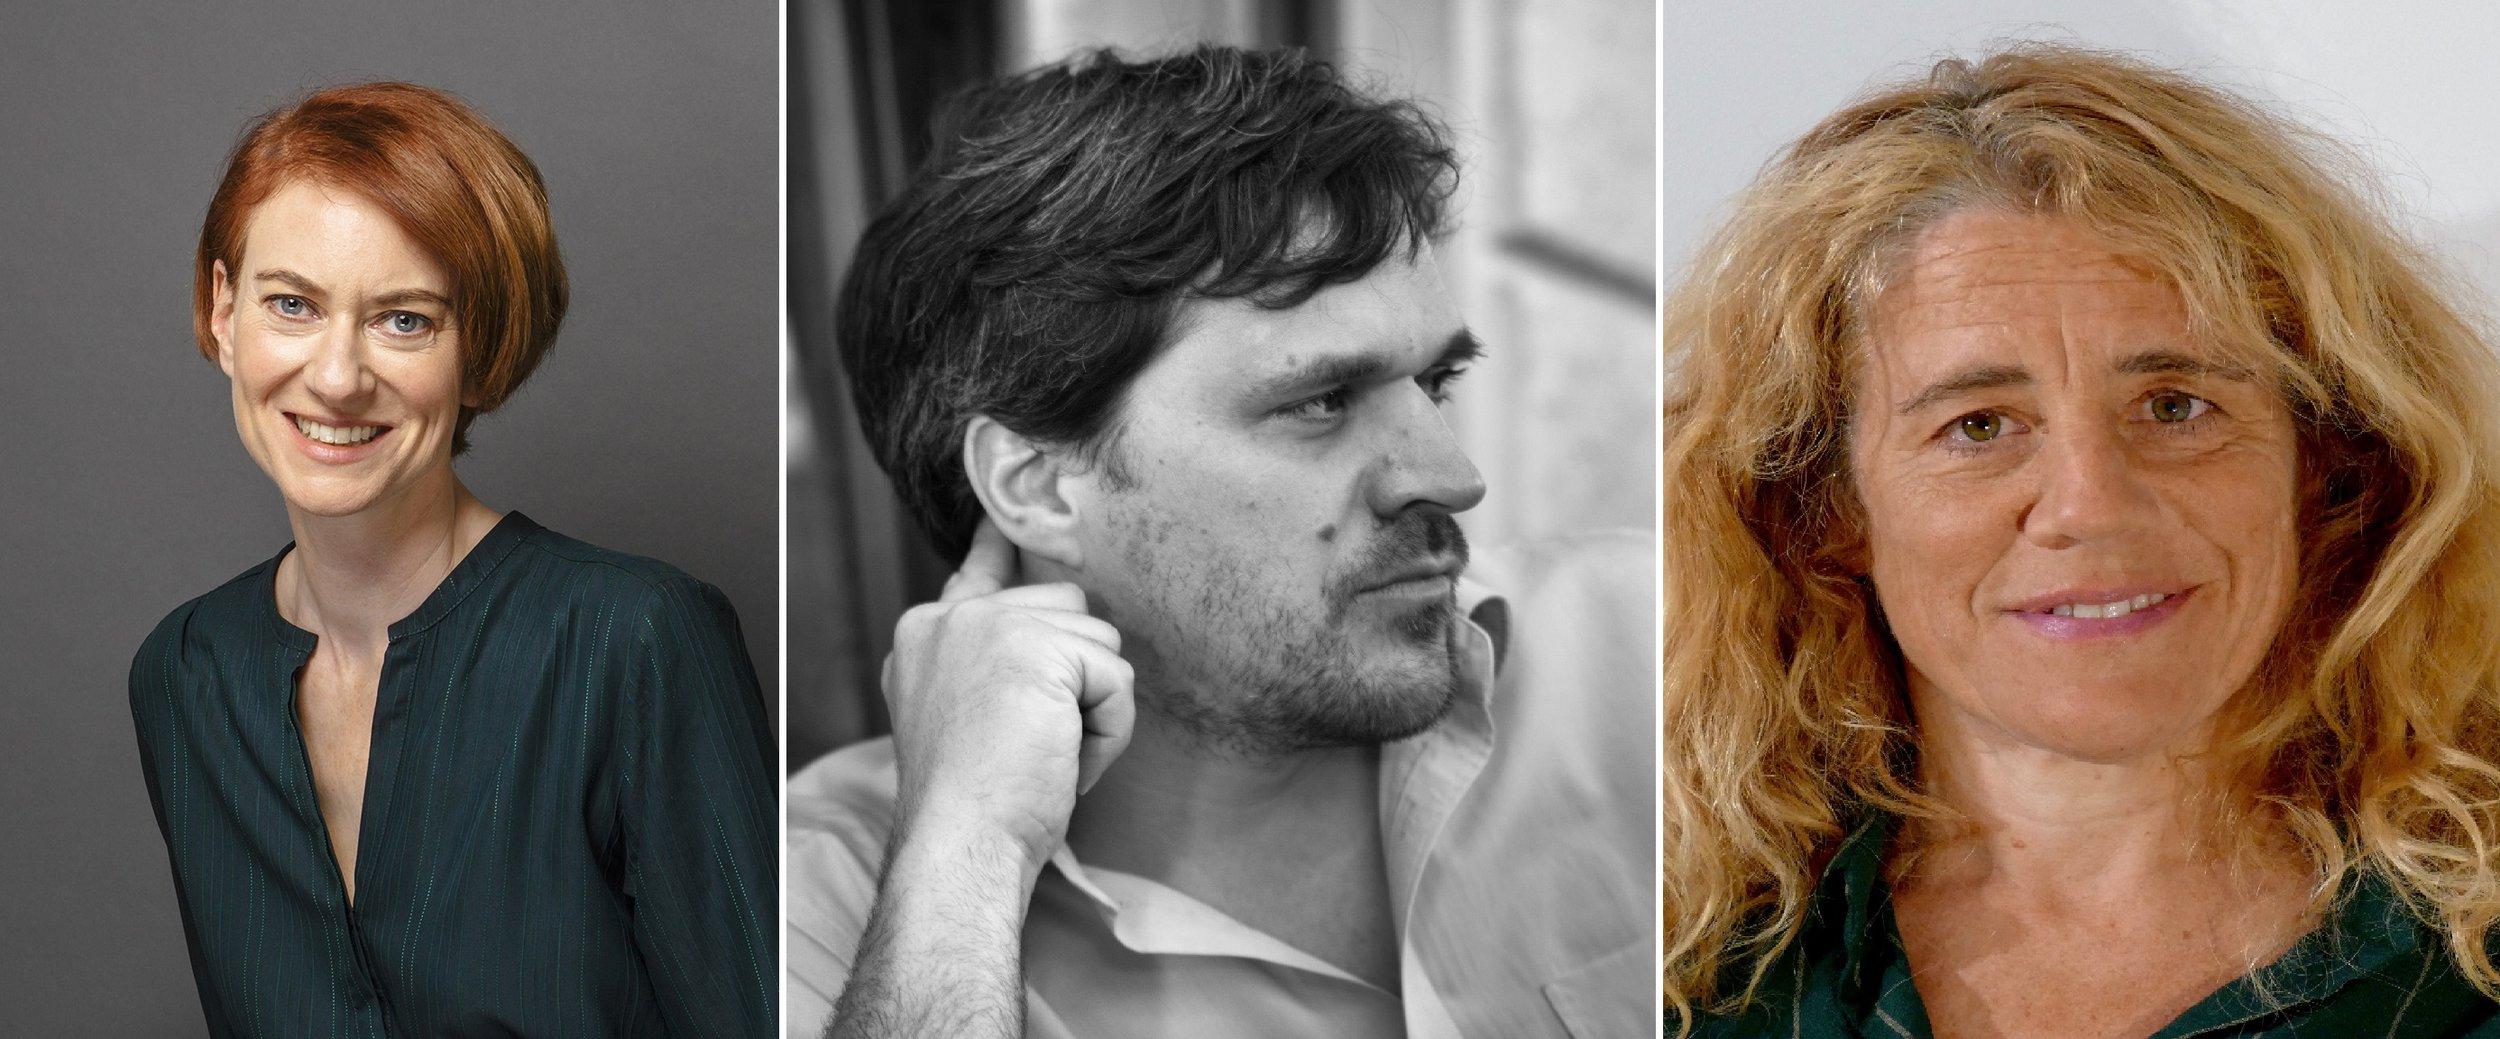 V.l.n.r.: Simone Meier (Andre Wunstorf); Carsten Schmidt (Robert Oswald); Sara Schindler (Nico Collinacorte).